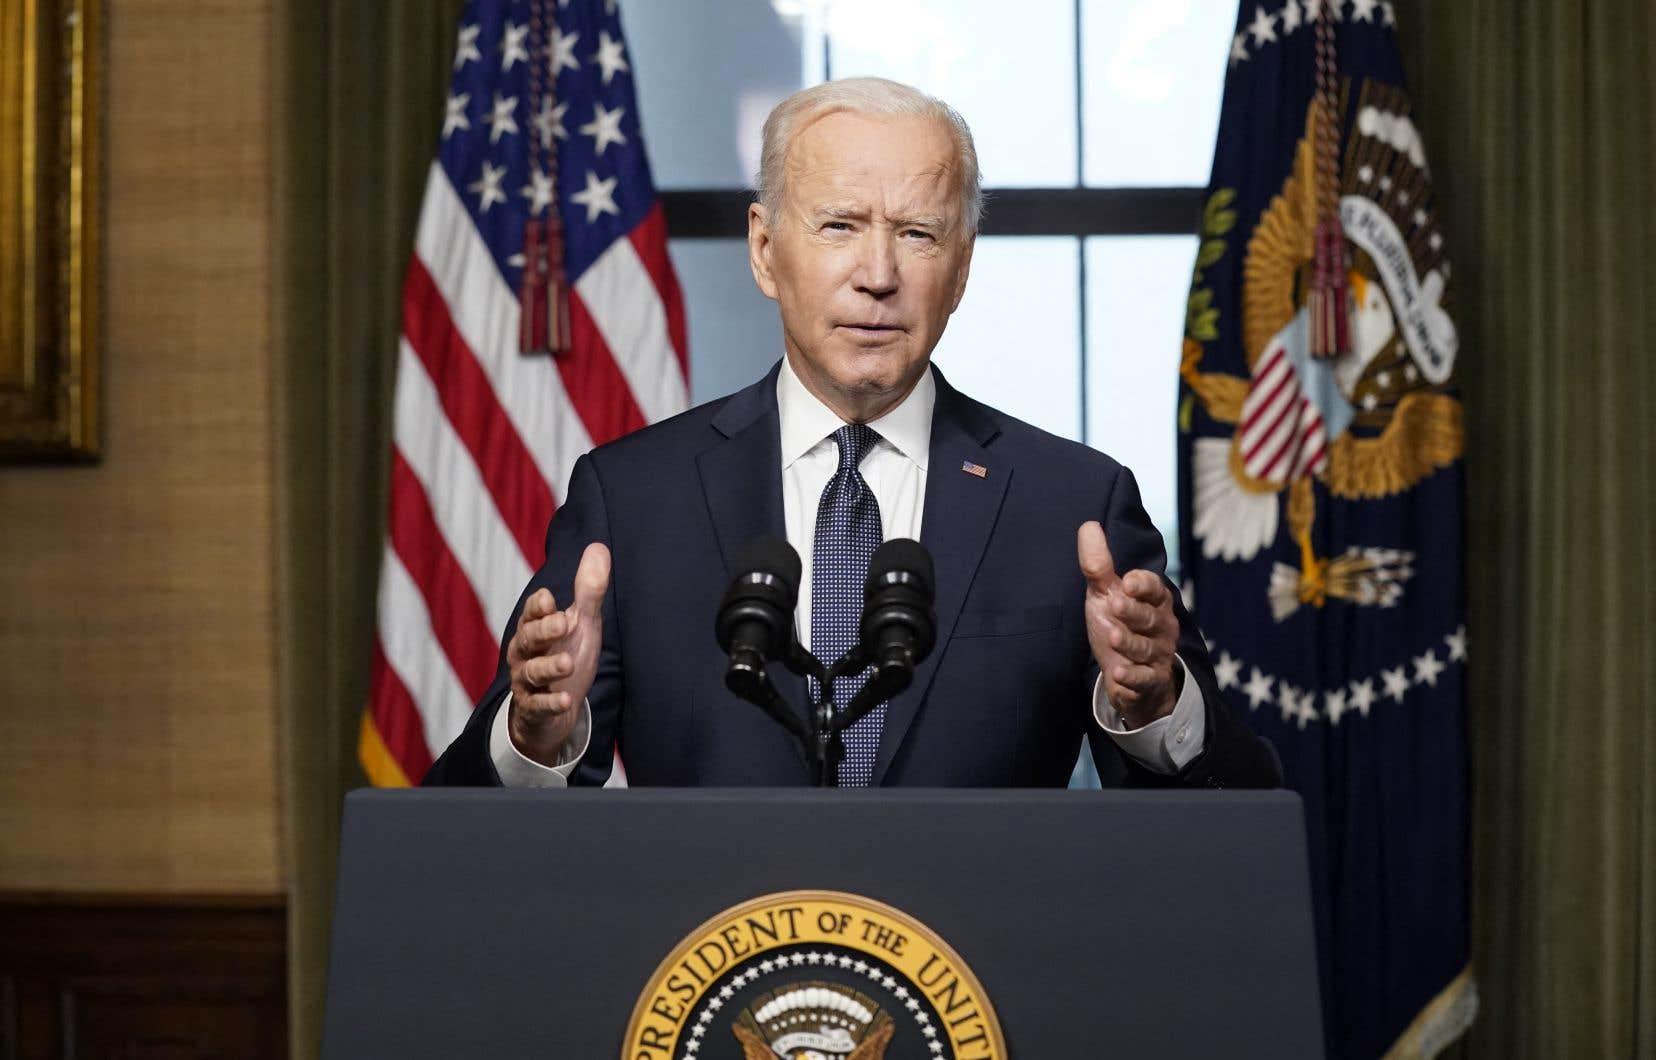 Joe Biden a confirmé mercredi que «l'heure est venue de mettre fin à la plus longue guerre de l'Amérique» en retirant toutes les troupes américaines d'Afghanistan d'ici le 20e anniversaire des attentats du 11 septembre 2001.